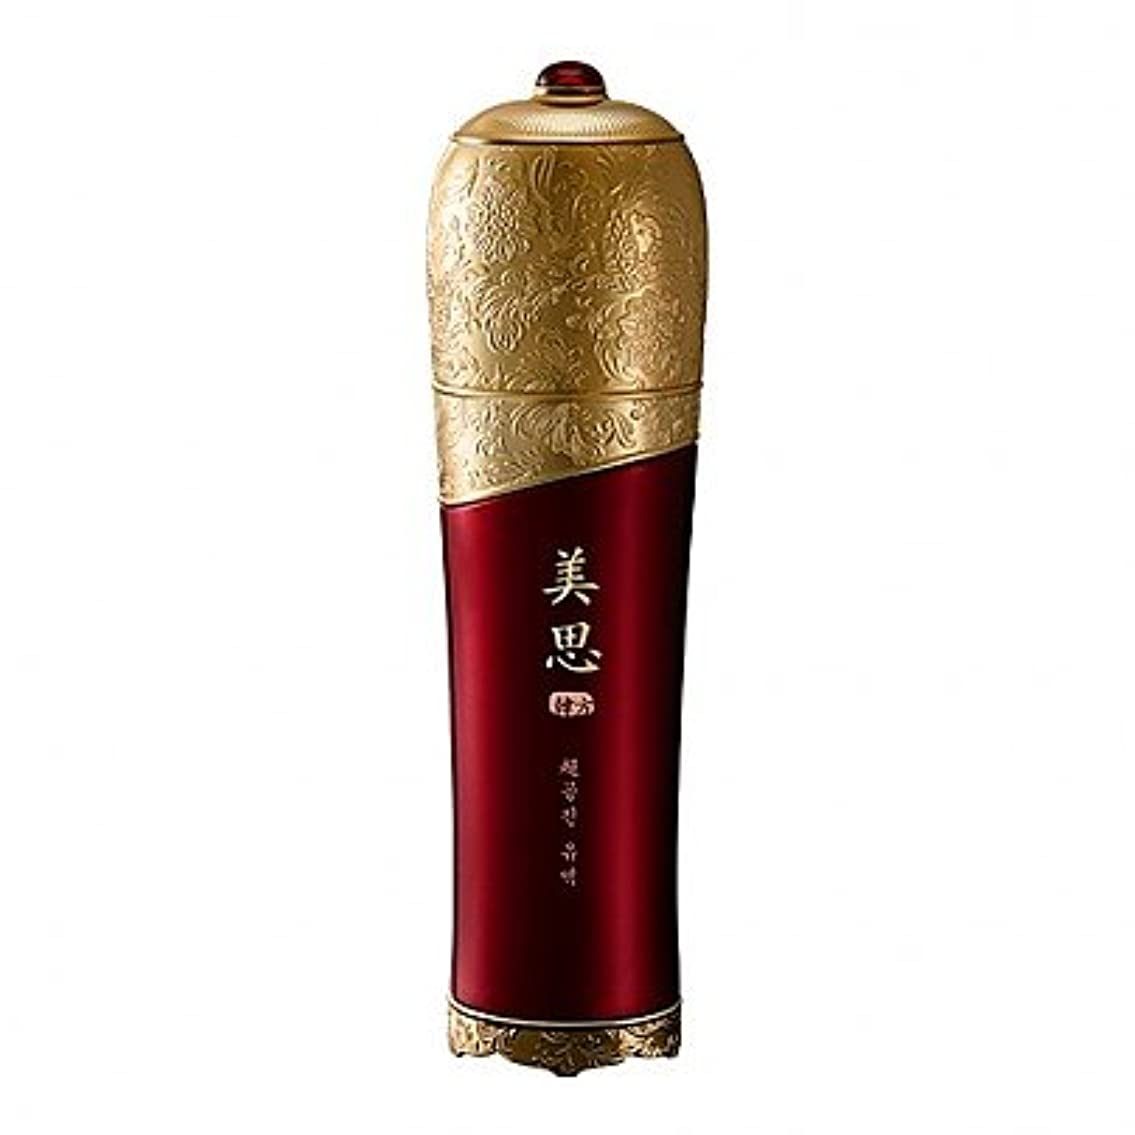 枠事前本土MISSHA/ミシャ チョゴンジン 乳液 (旧チョボヤン) 125ml[海外直送品]